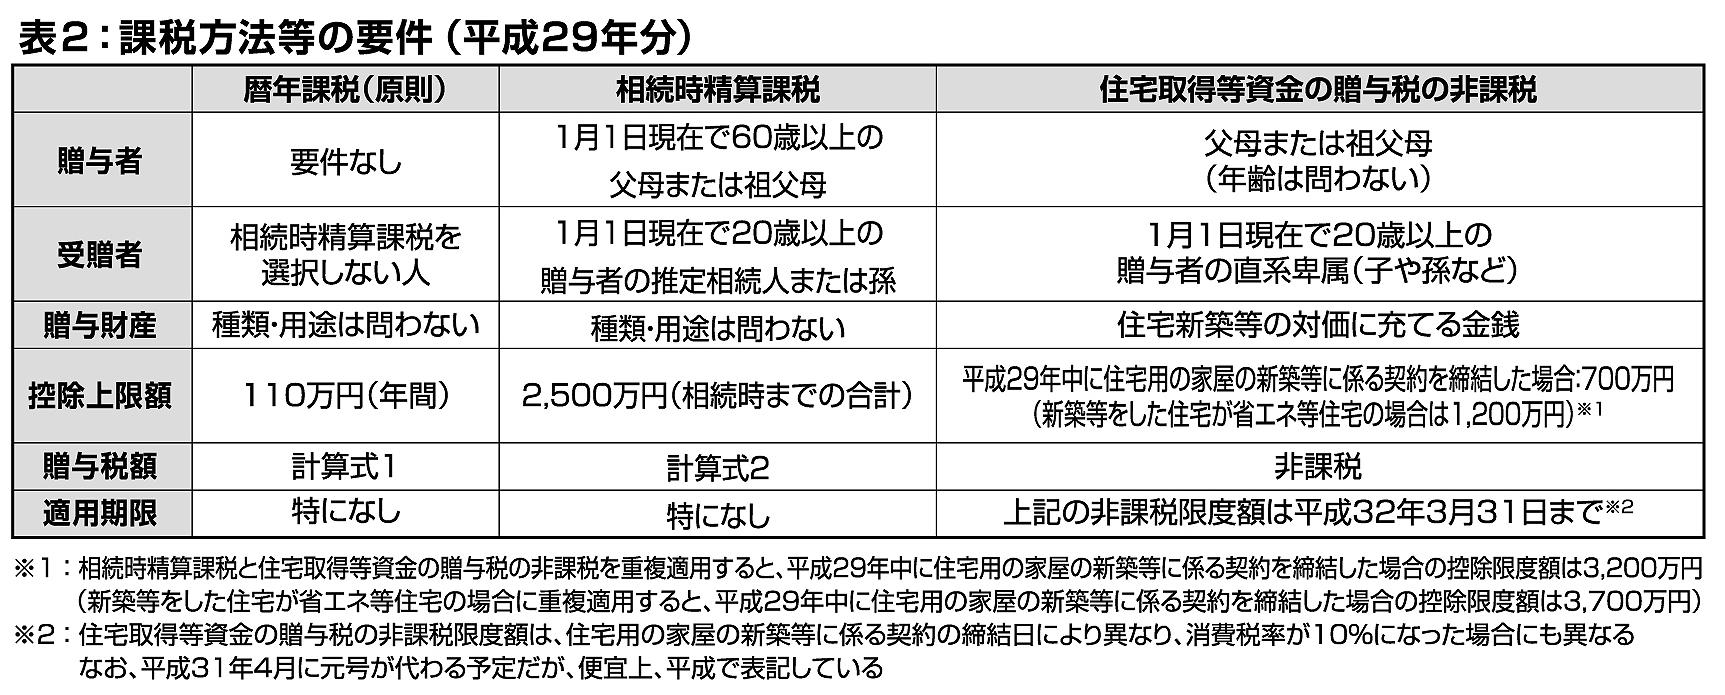 どうする住宅資金 贈与税・前編